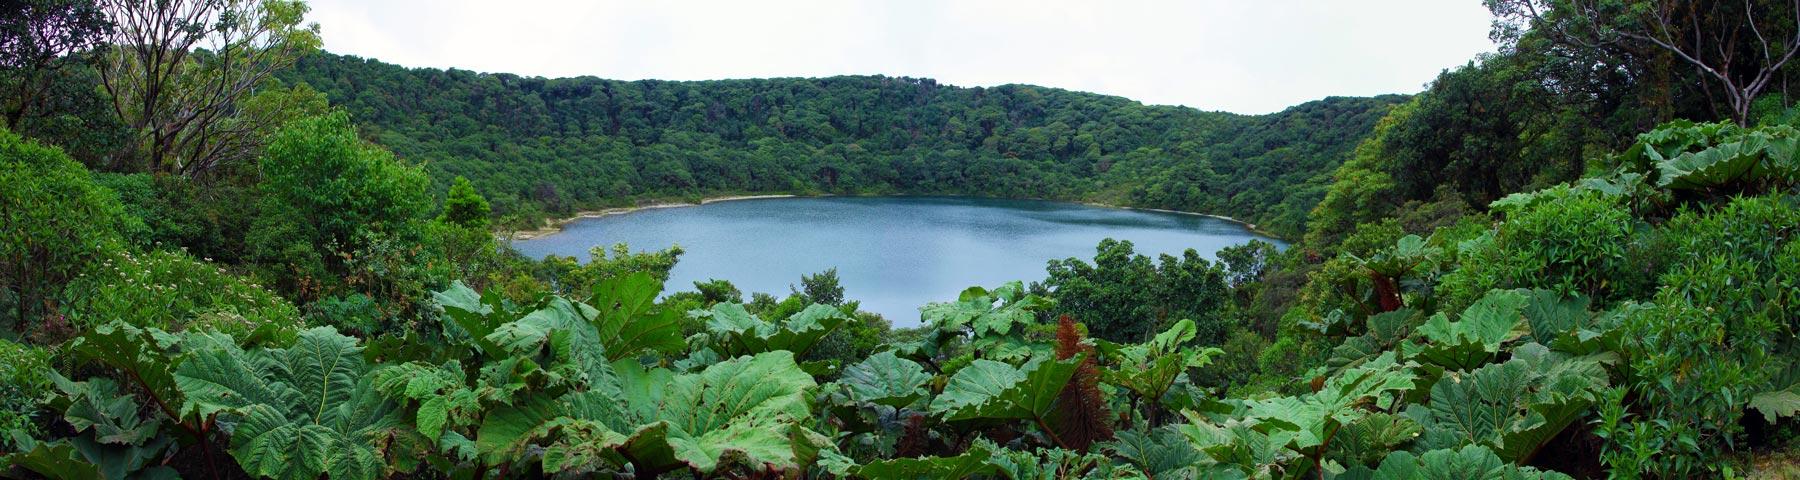 Volcano Botos Lake